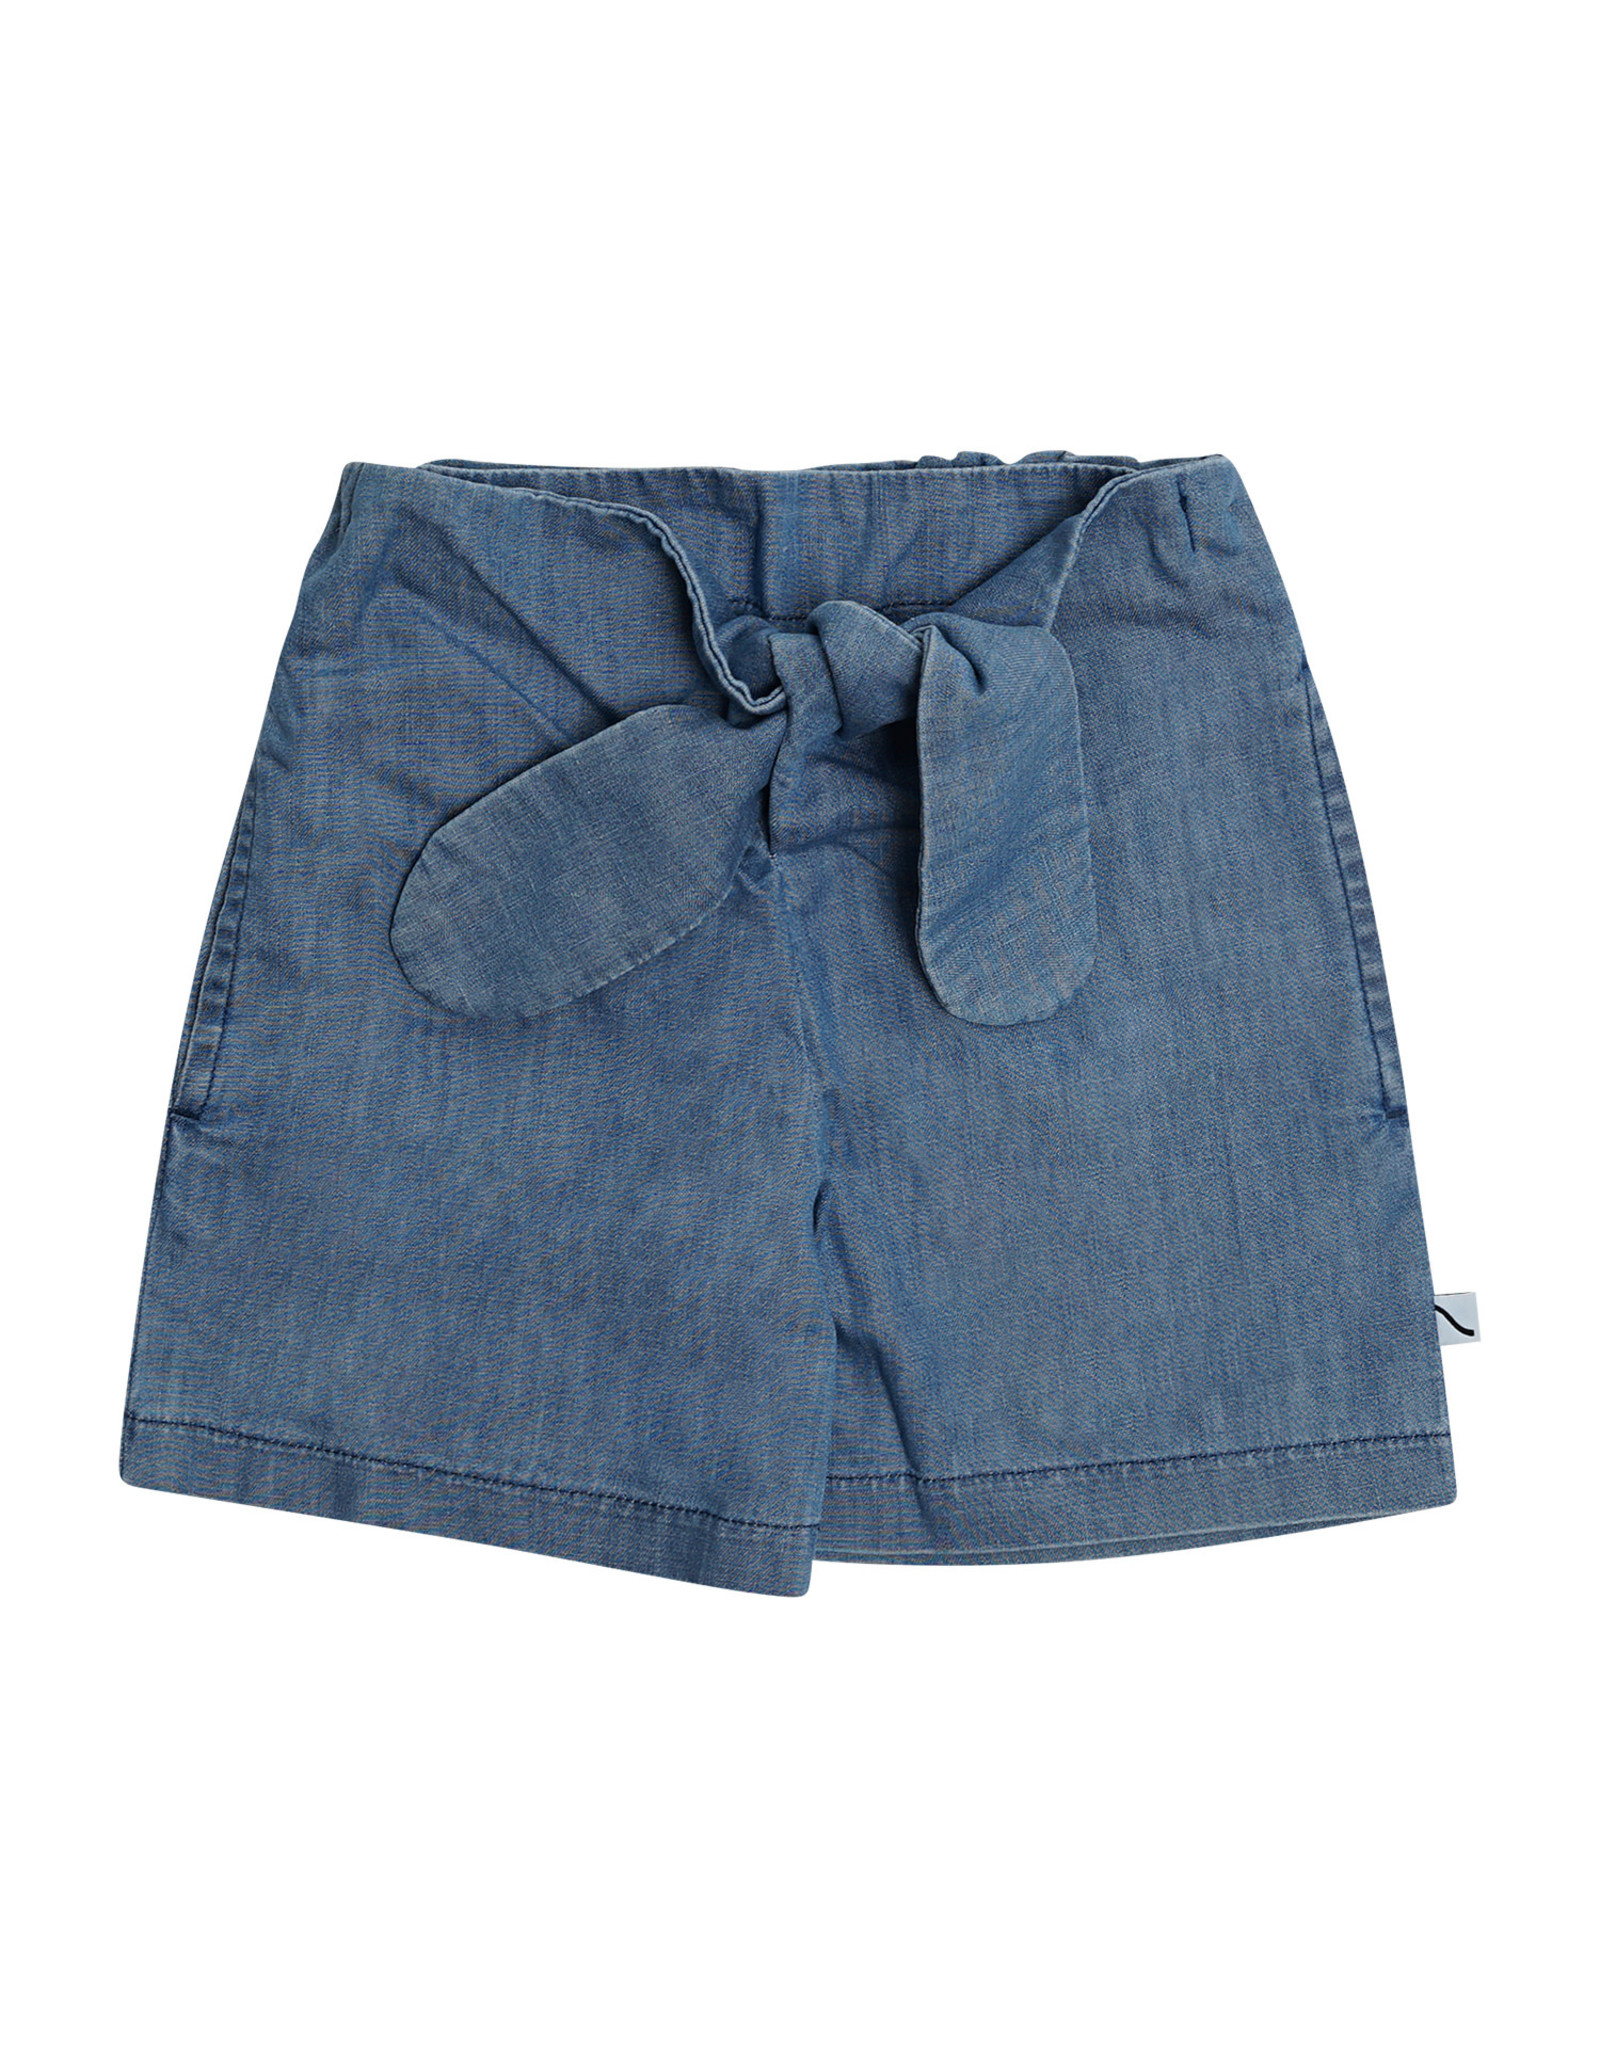 Carlijn Q Carlijn Q Denim - Paperbag Shorts